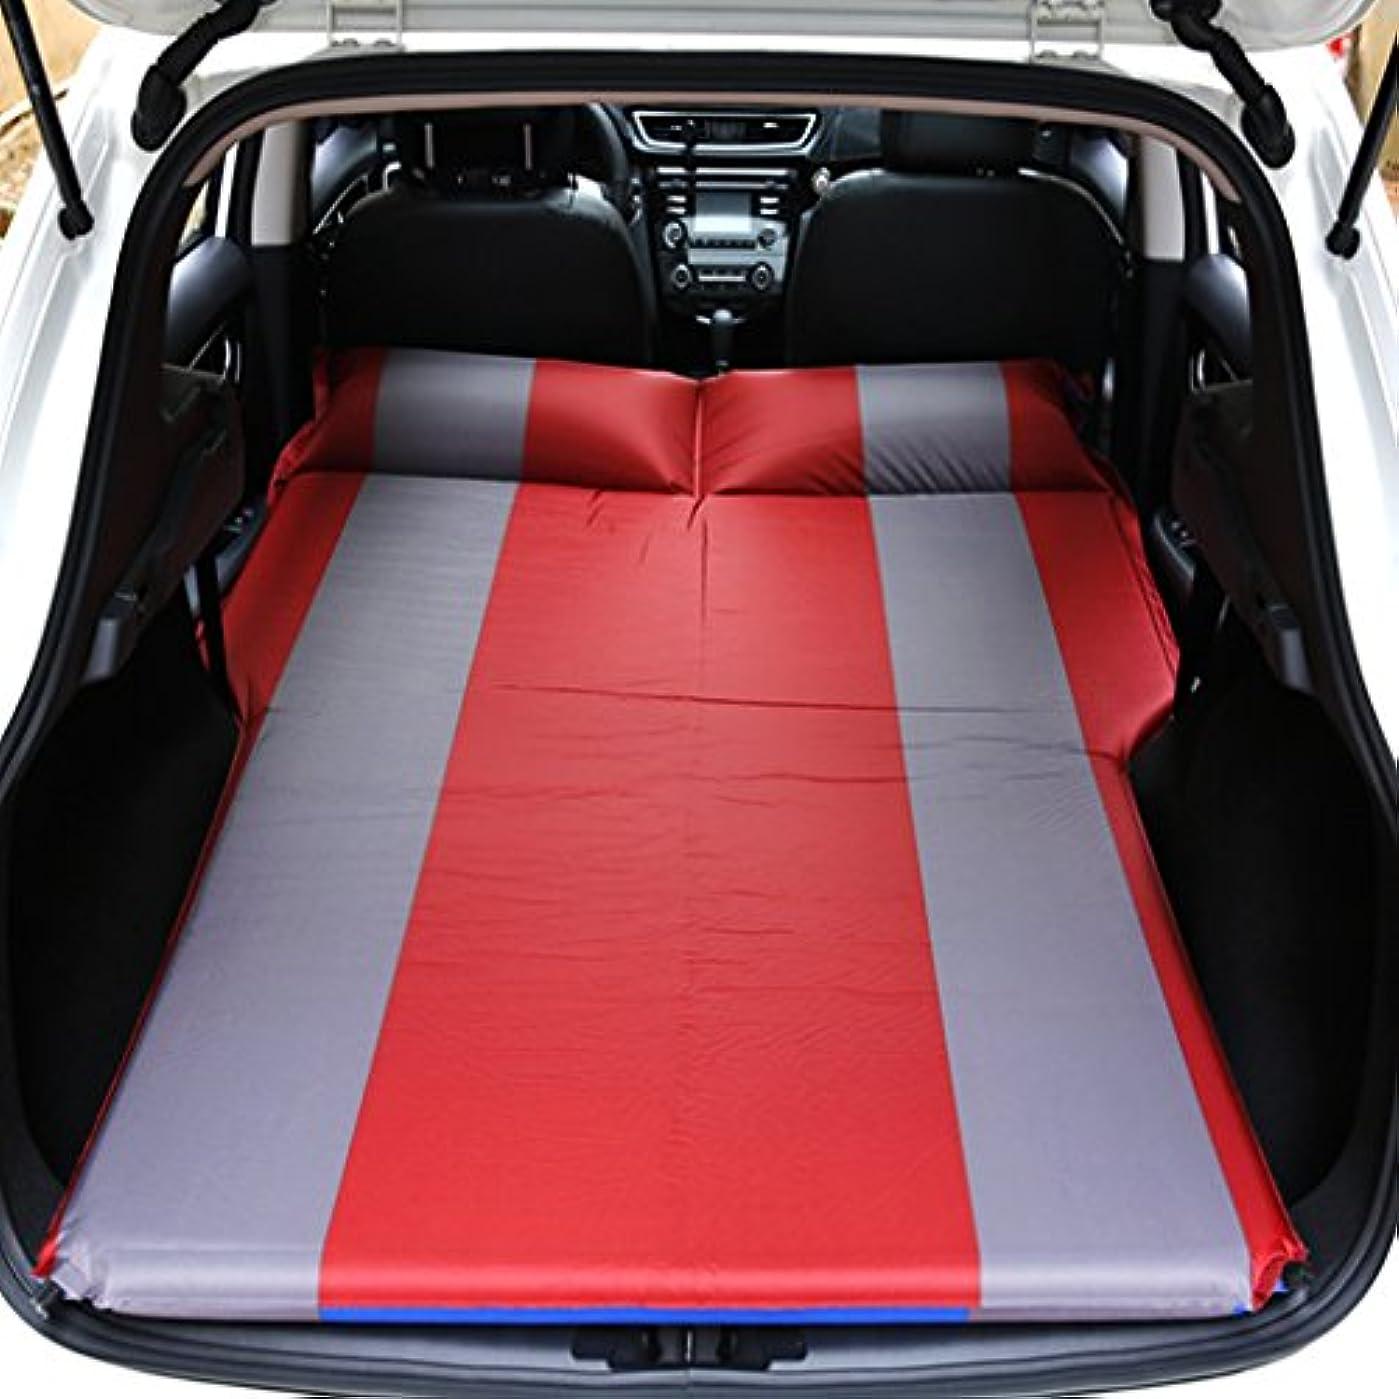 干渉宣伝とにかくGYP インフレータブルマットレスナップアウトドアキャンプキャンプ湿気から車旅行ベッドカーベッドカーショック - プルーフパッドオフ - ロード車車の使用 (色 : B)